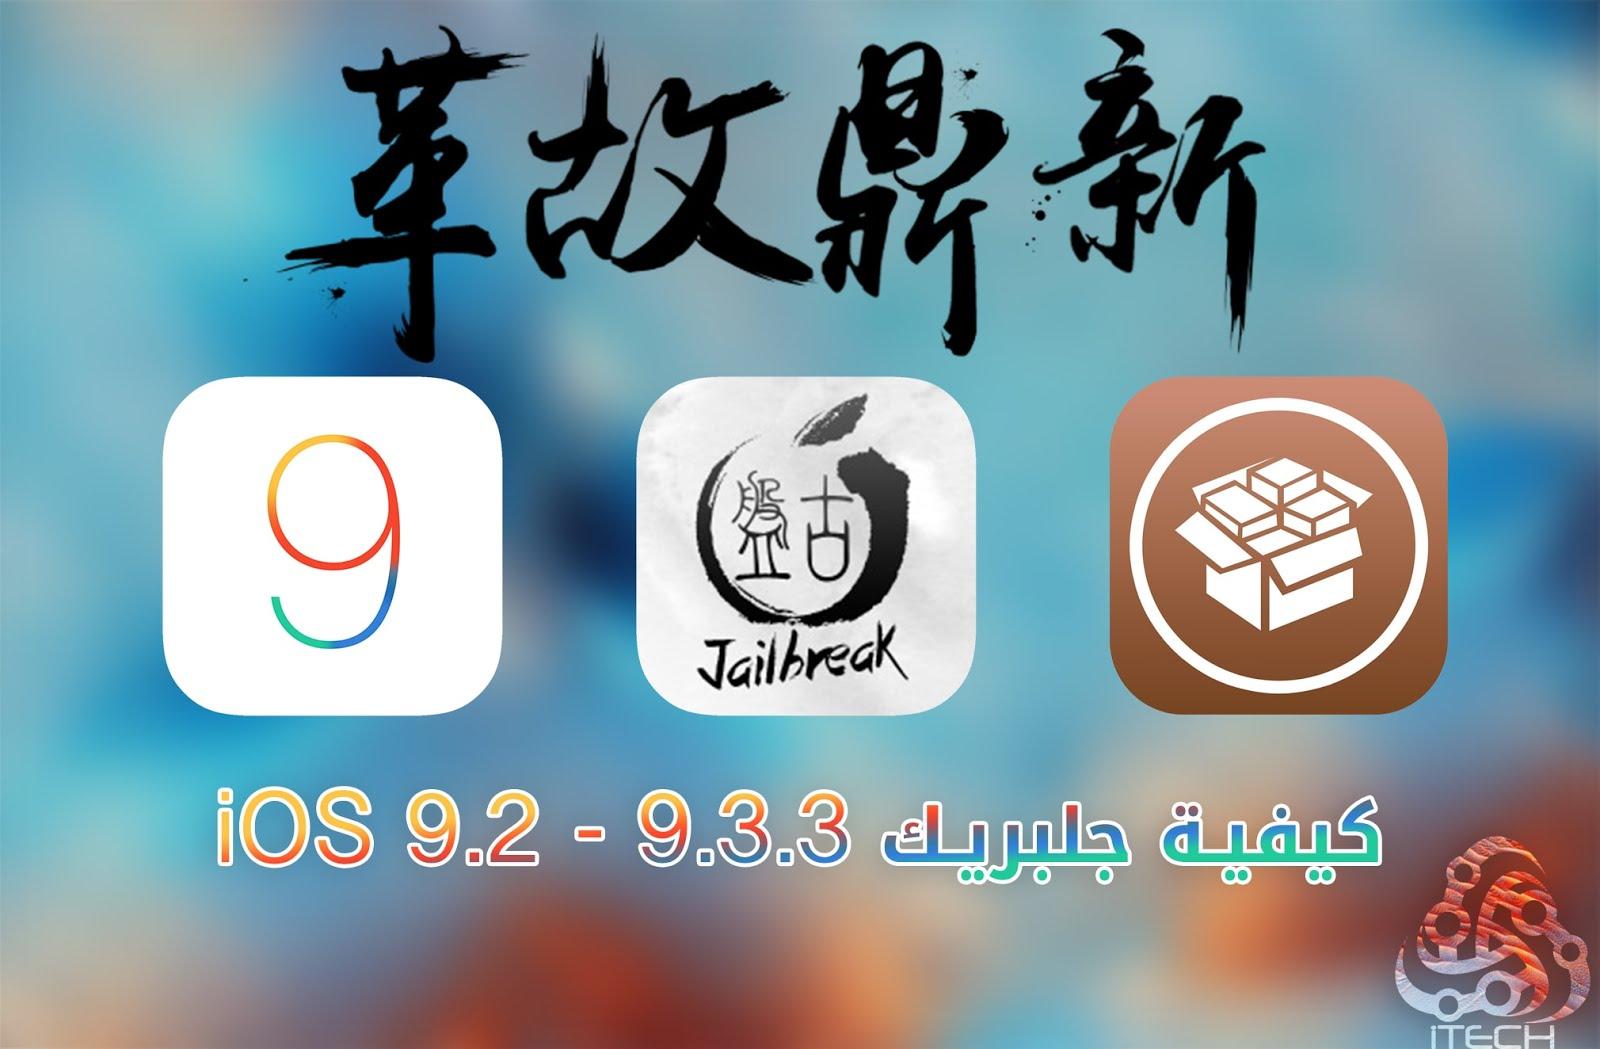 تحميل جلبريك Pangu 9.2 - 9.3.3 الانكليزي الرسمي بالاصدار 1.1 بشهادة السنة